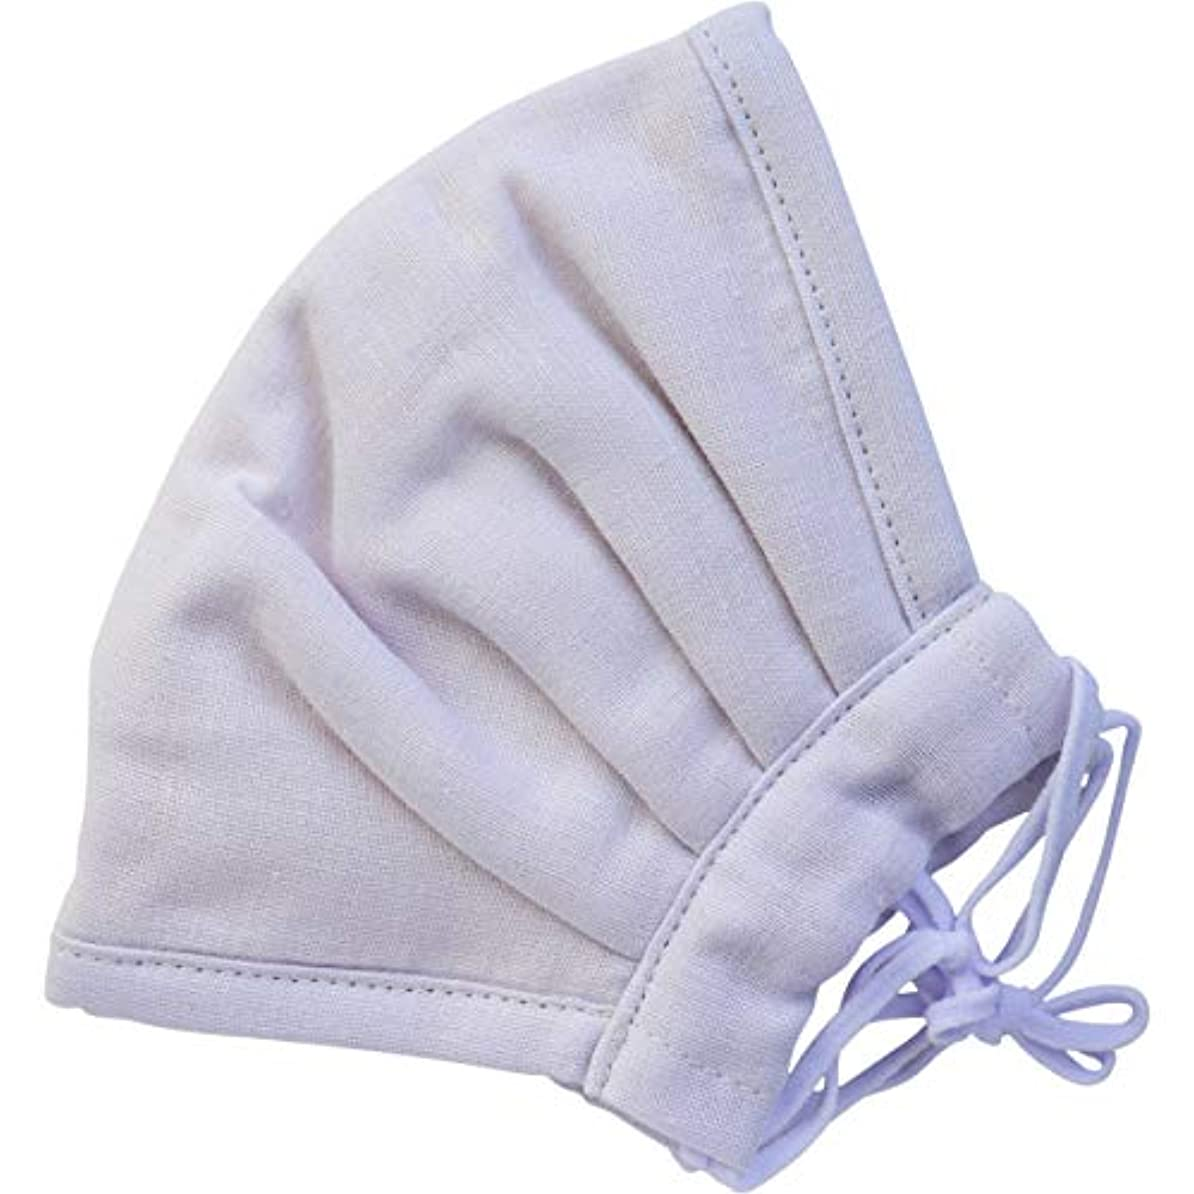 海峡ひも平凡角度ふわふわマスク 今治産タオル 超敏感肌用 パープル ゆったり大きめサイズ 1枚入×10個セット